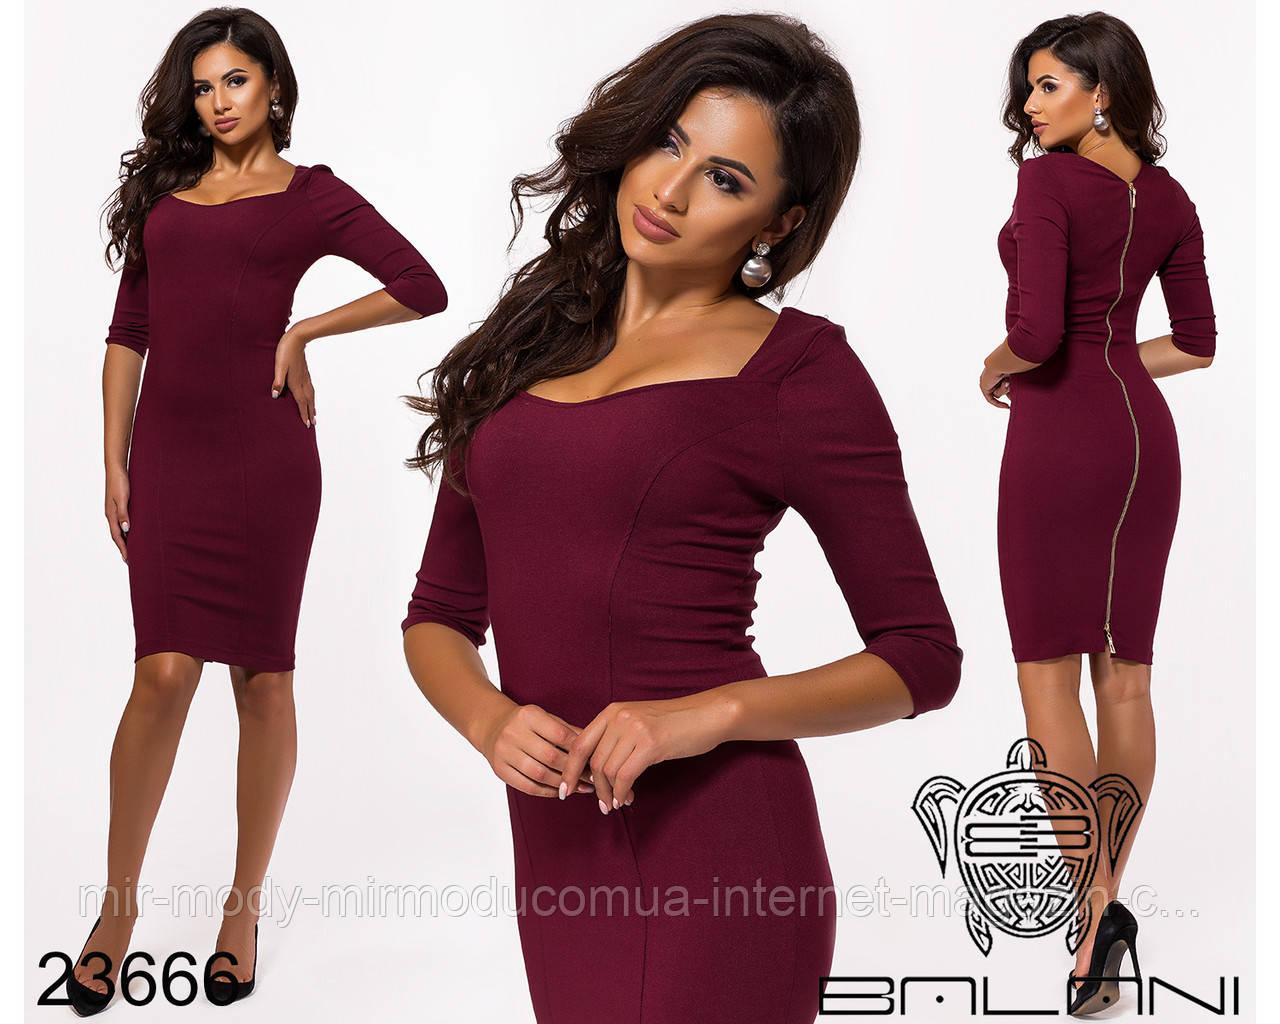 Платье - 23666 стрейч-джинс 42 по48 размер(бн)